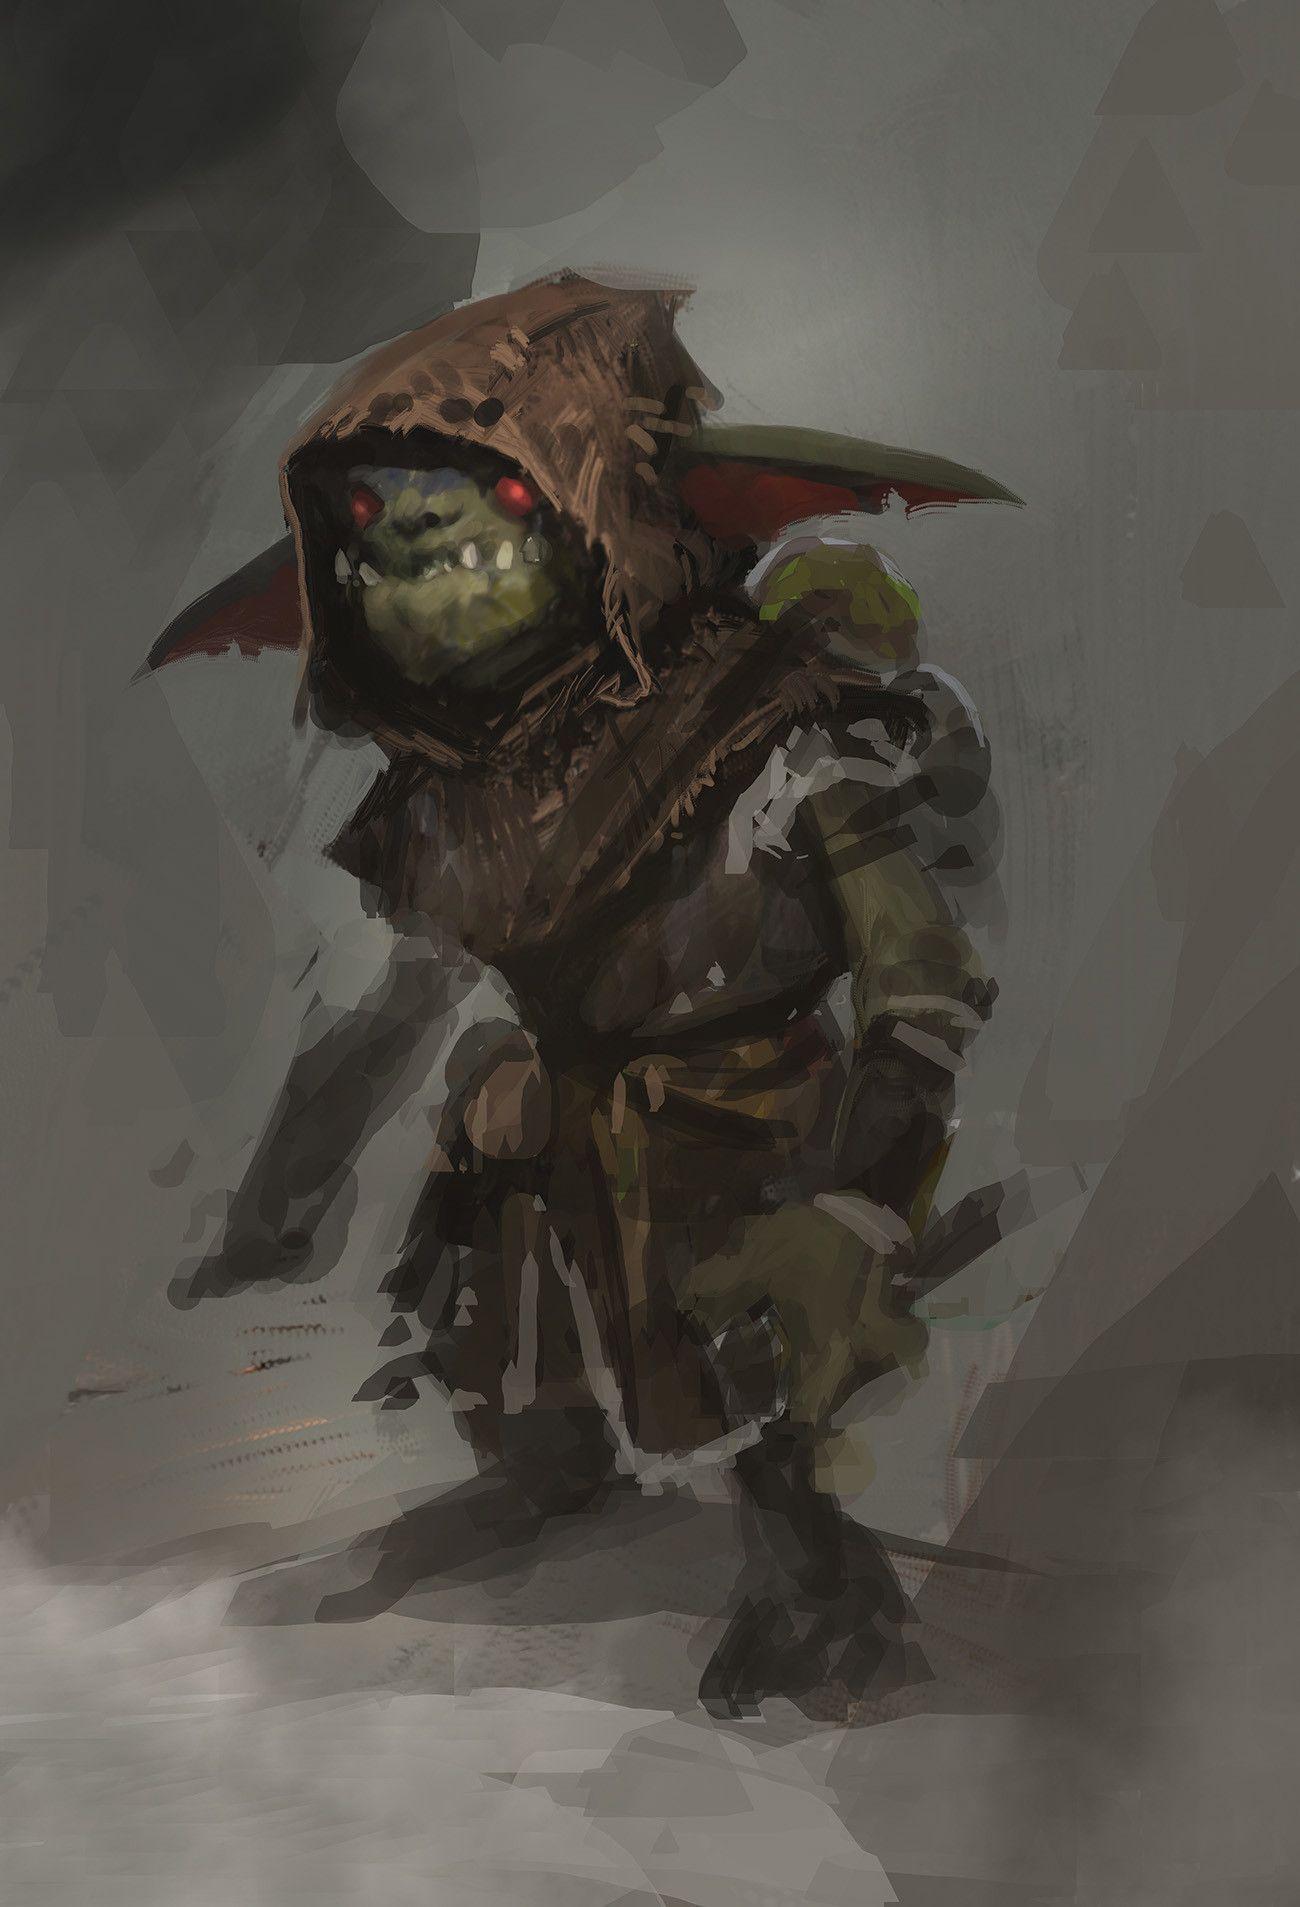 20+ Fantasy goblins ideas in 2021